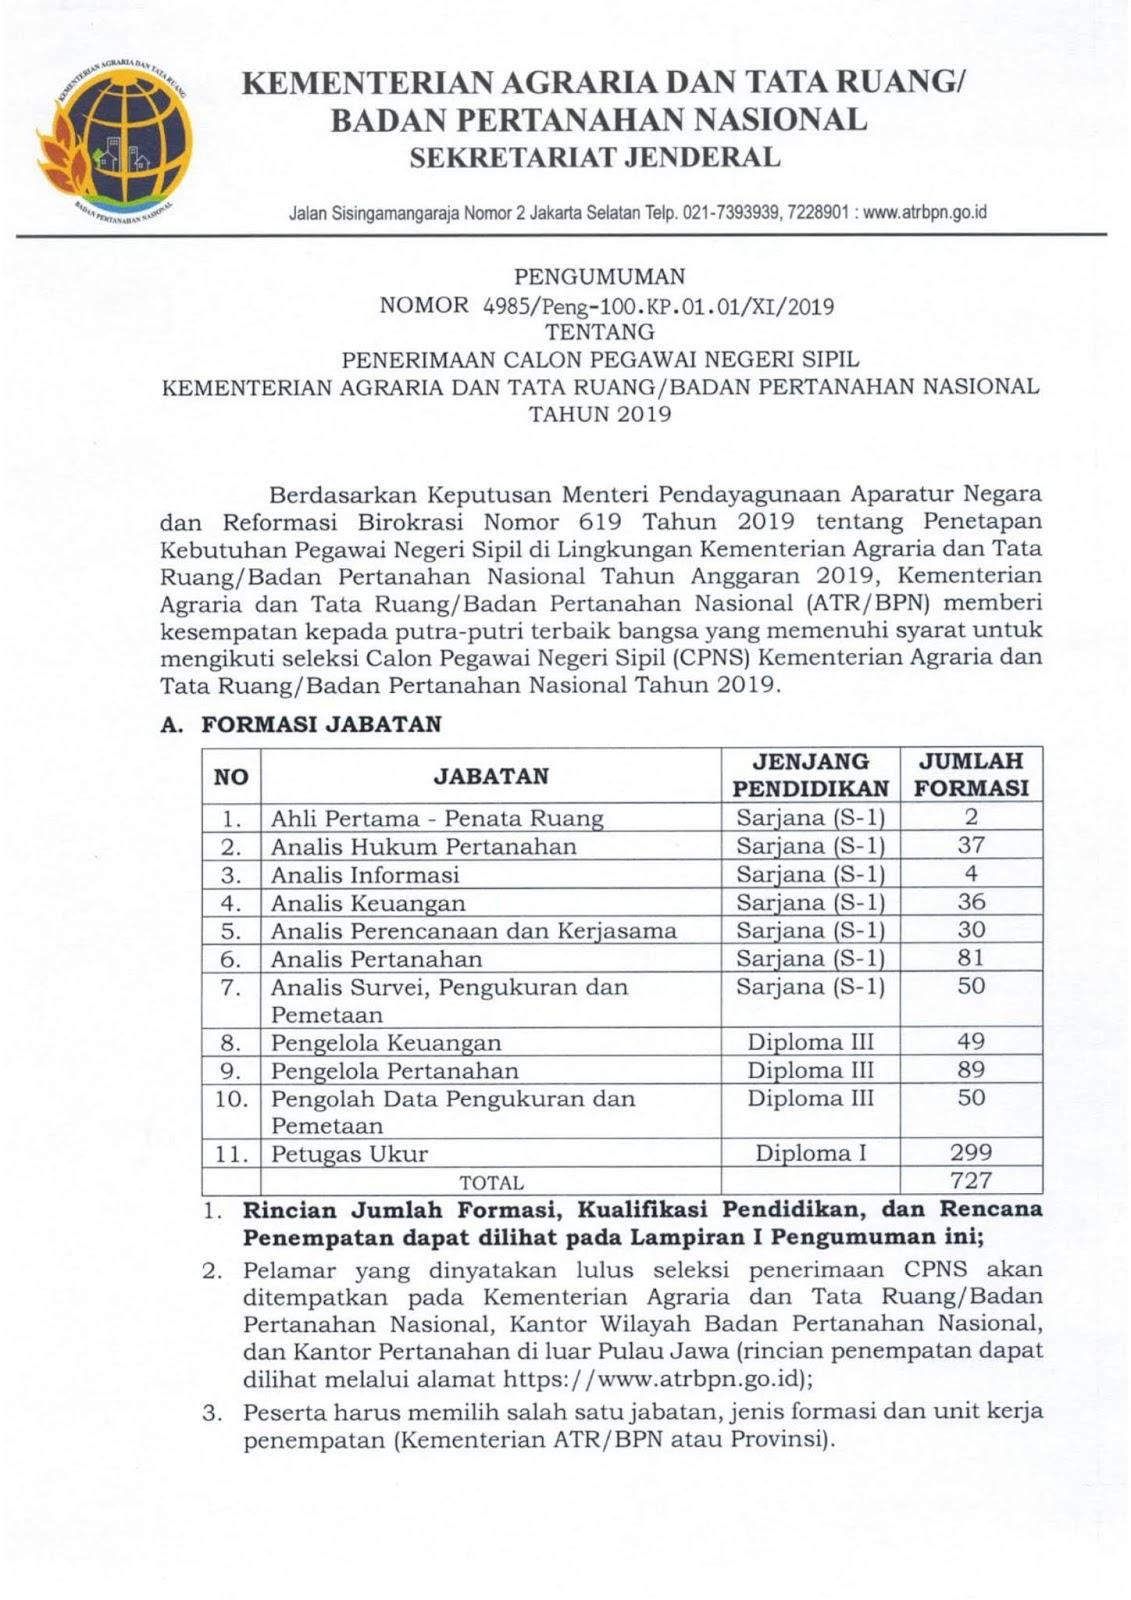 Penerimaan CPNS Kementerian Agraria dan Tata Ruang/ Badan Pertanahan Nasional Tahun 2019 [727 Formasi]